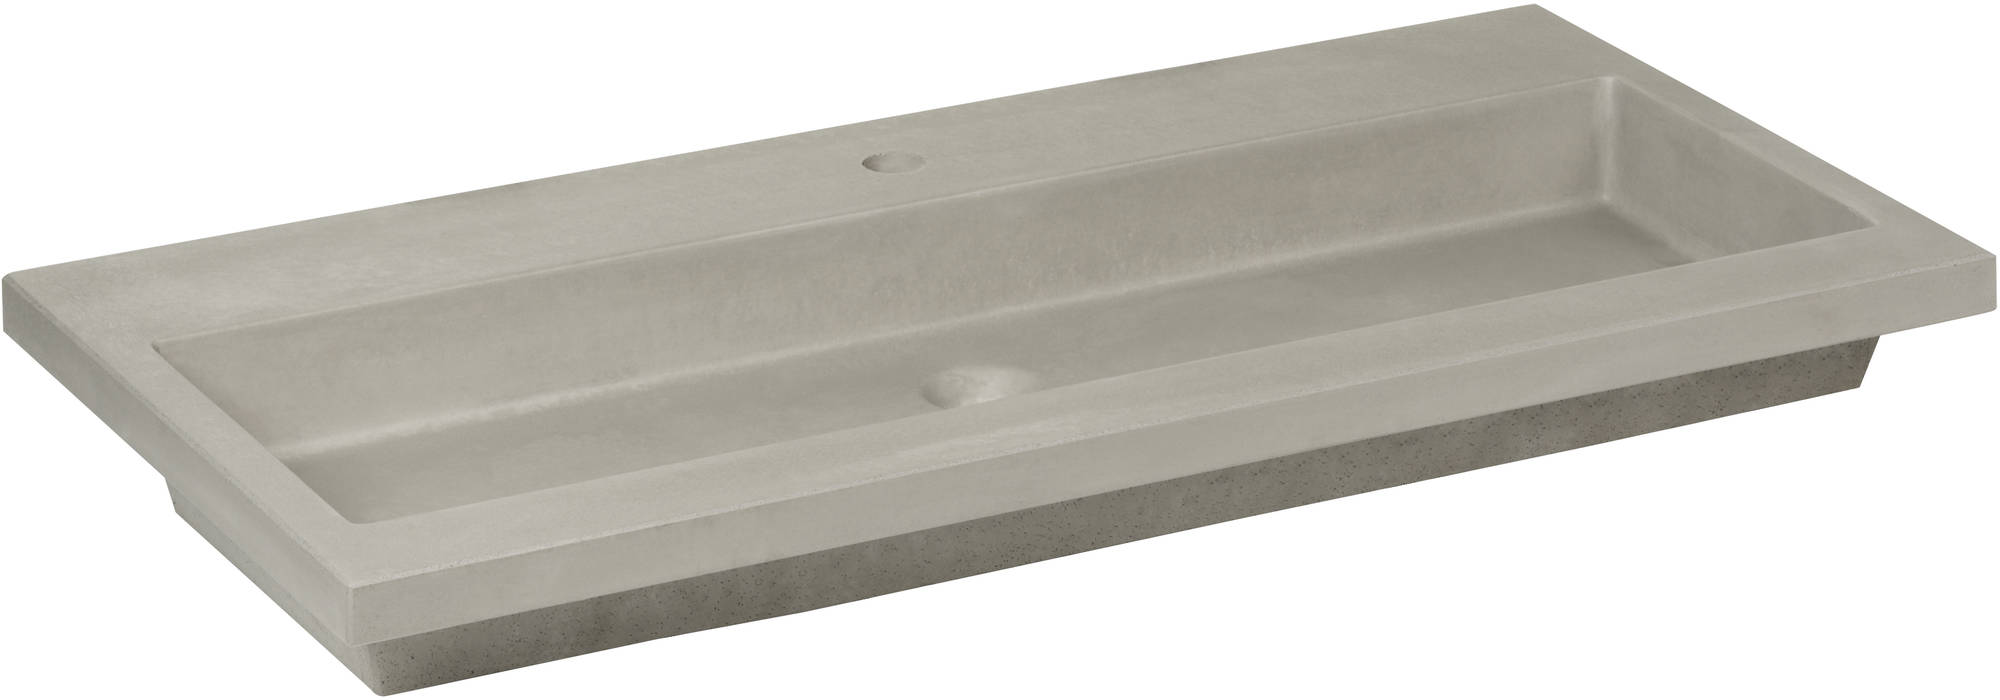 Ben Concrete Wastafel enkel 80x51cm Beton 1 kraangat